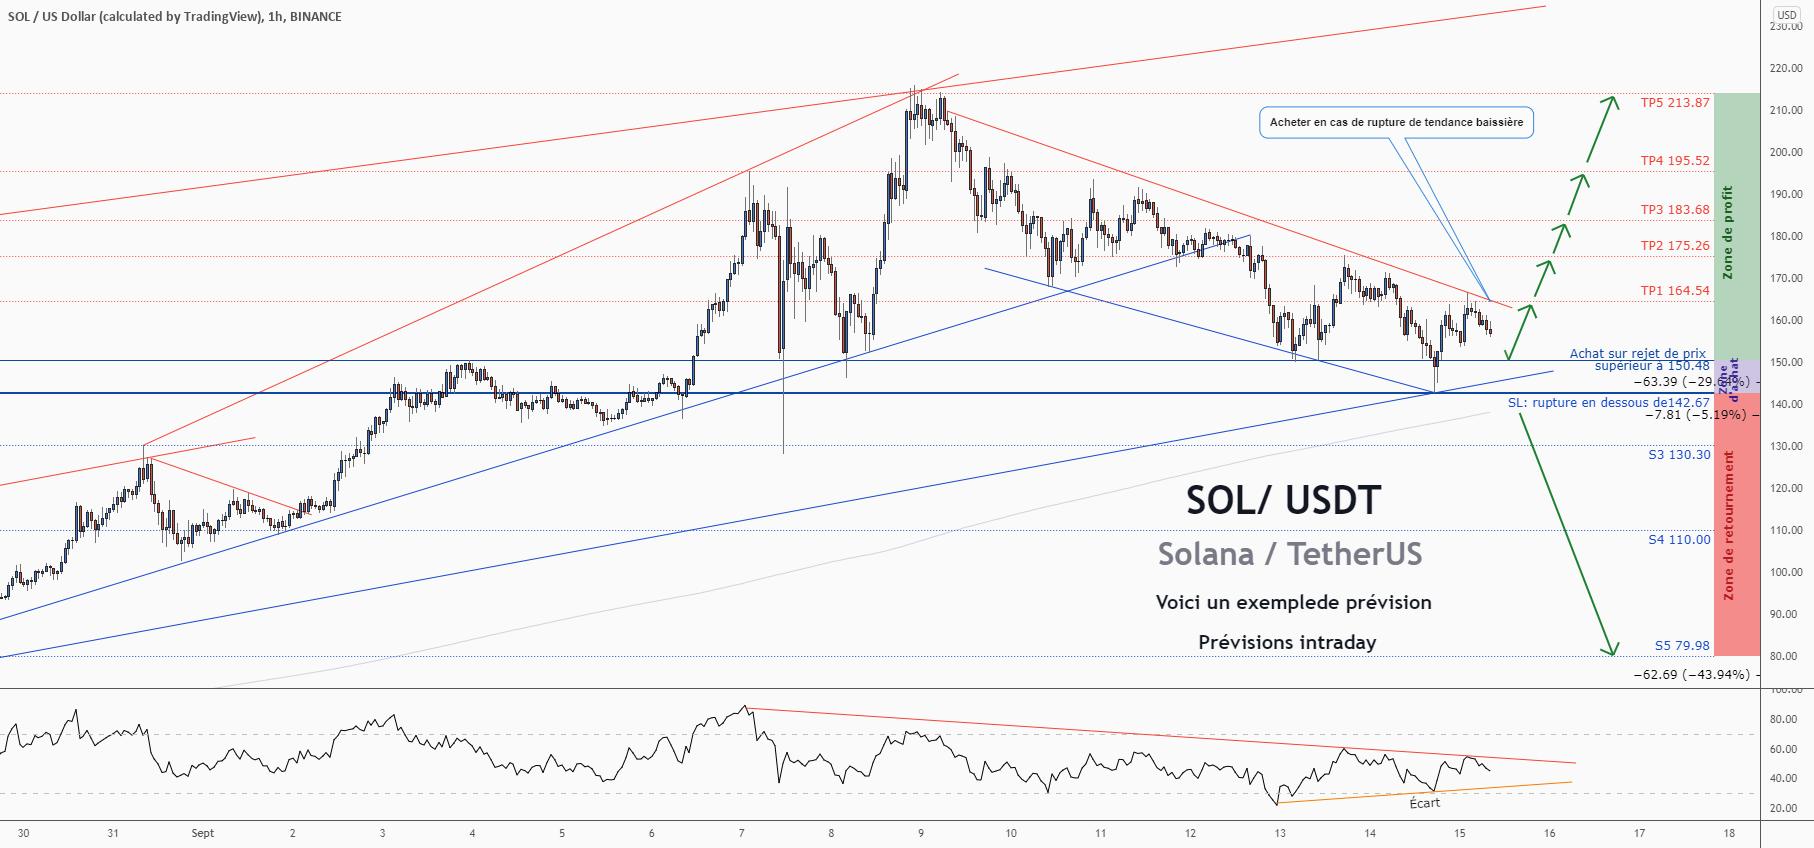 💡Ne manquez pas cette grande opportunité d'achat de SOLUSDT pour BINANCE:SOLUSD par ForecastCity_Francais